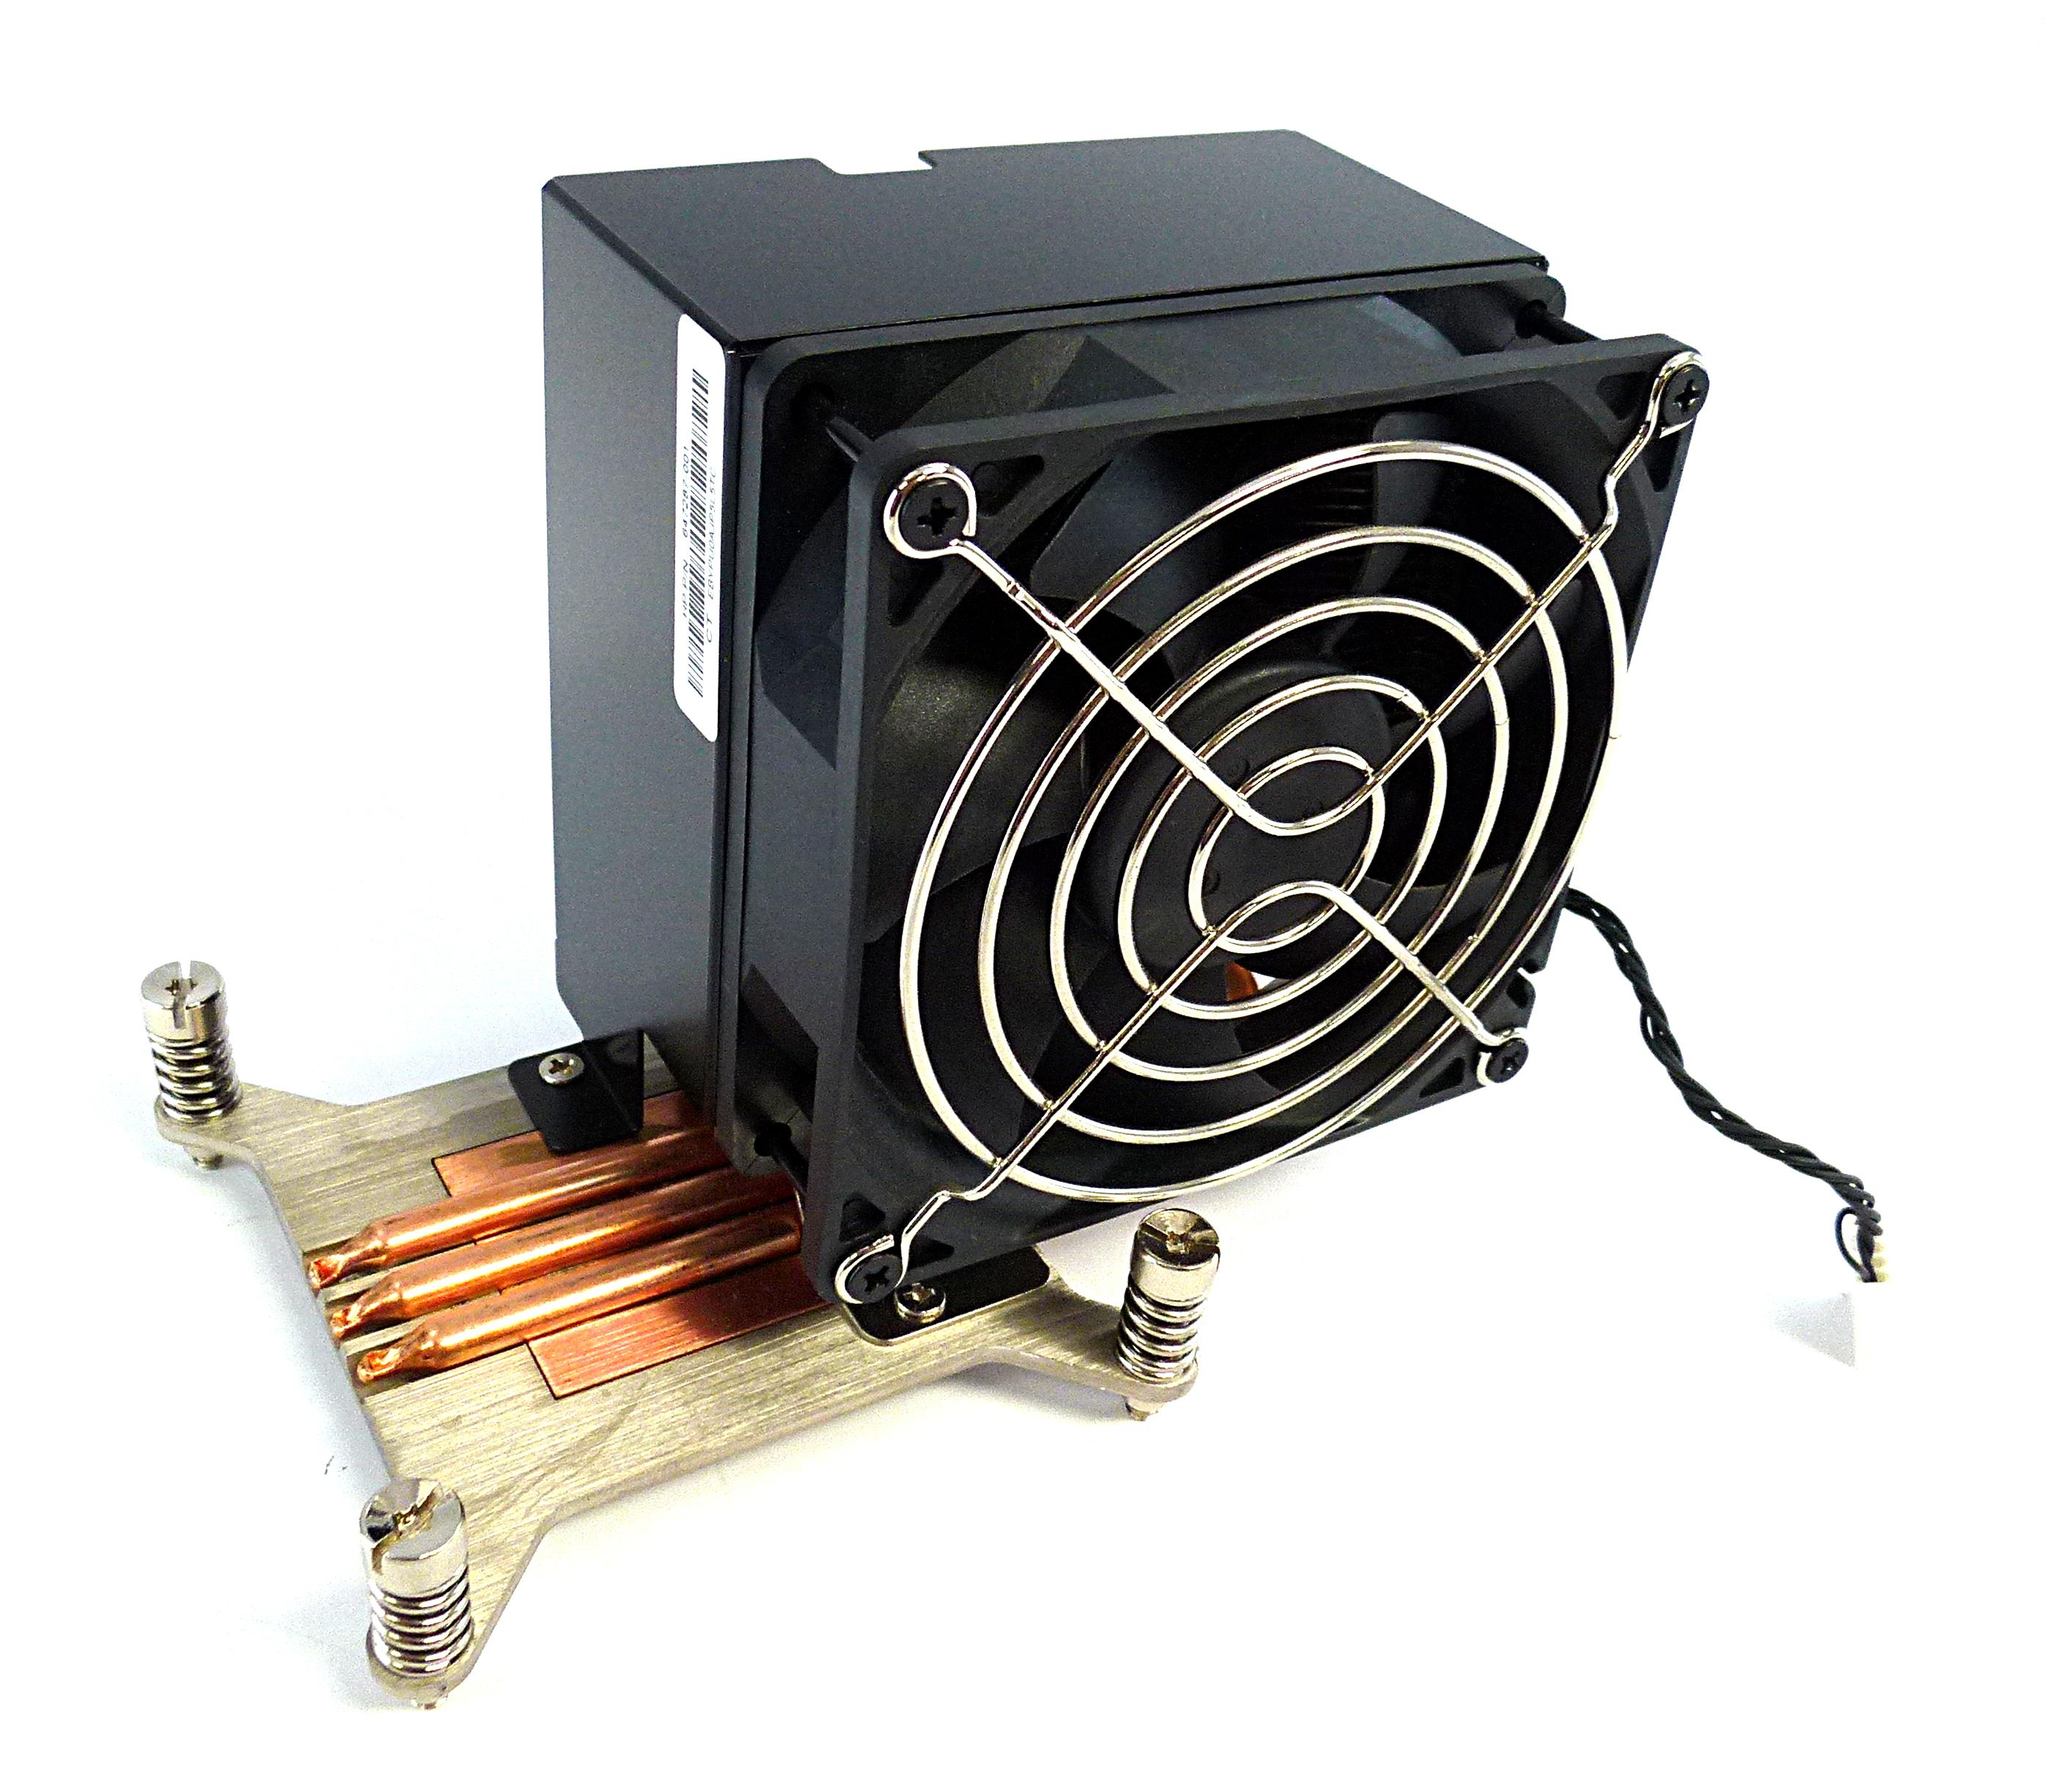 HP 647287-001 Z420 Workstation CPU Heatsink & Fan Assembly